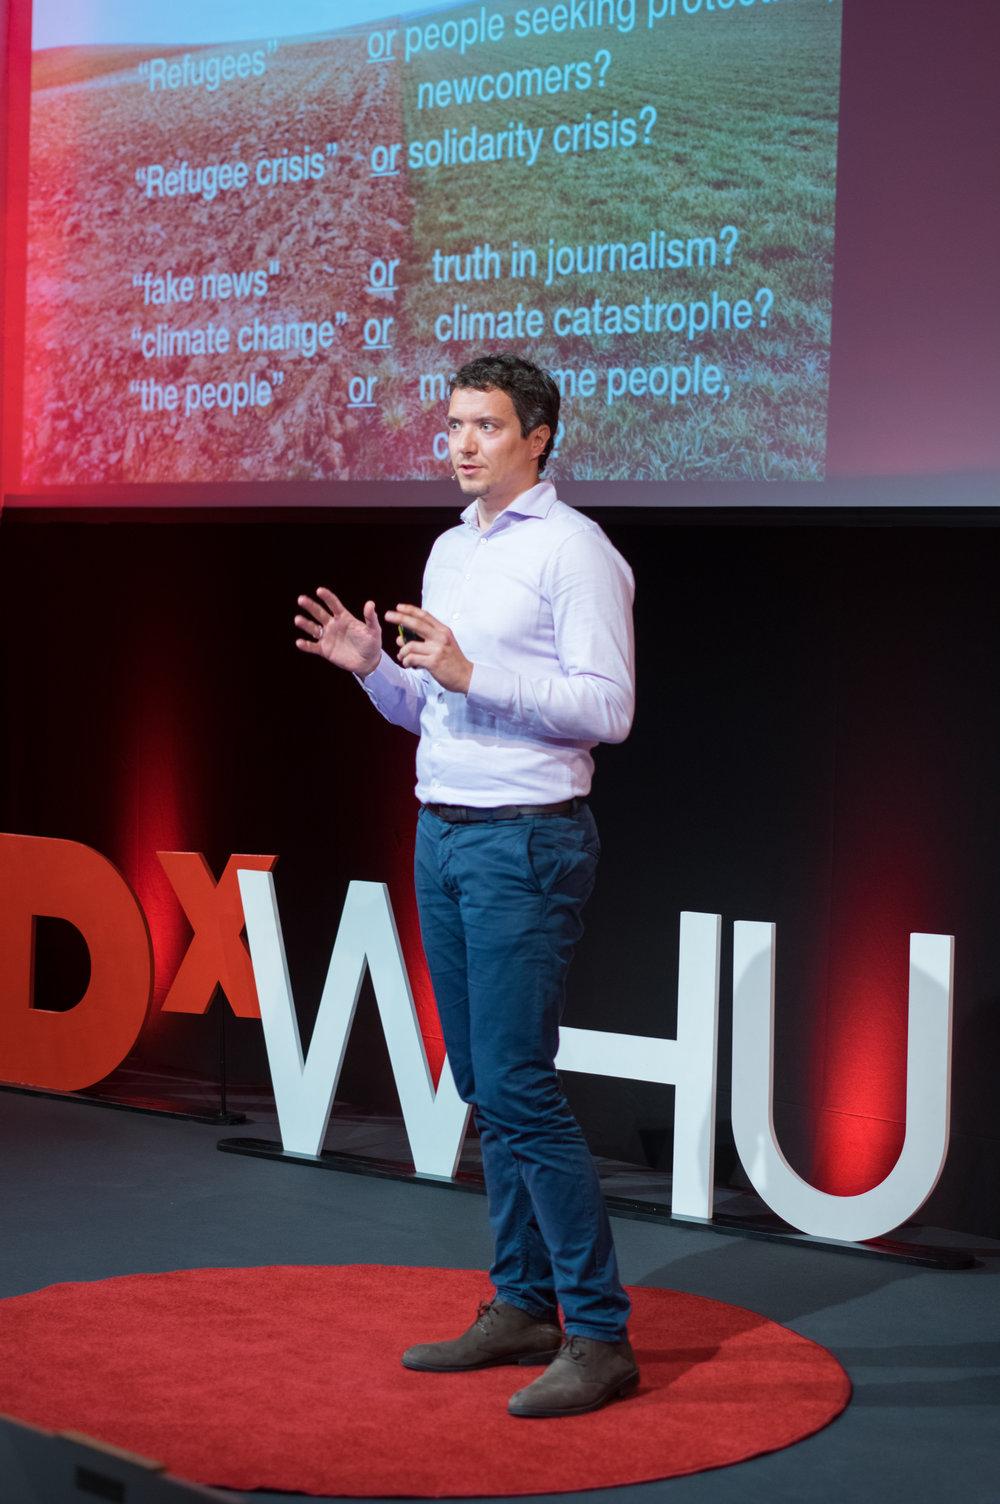 TEDxWHU-2018-Christopher-Kabakis-on-stage-framing.jpg